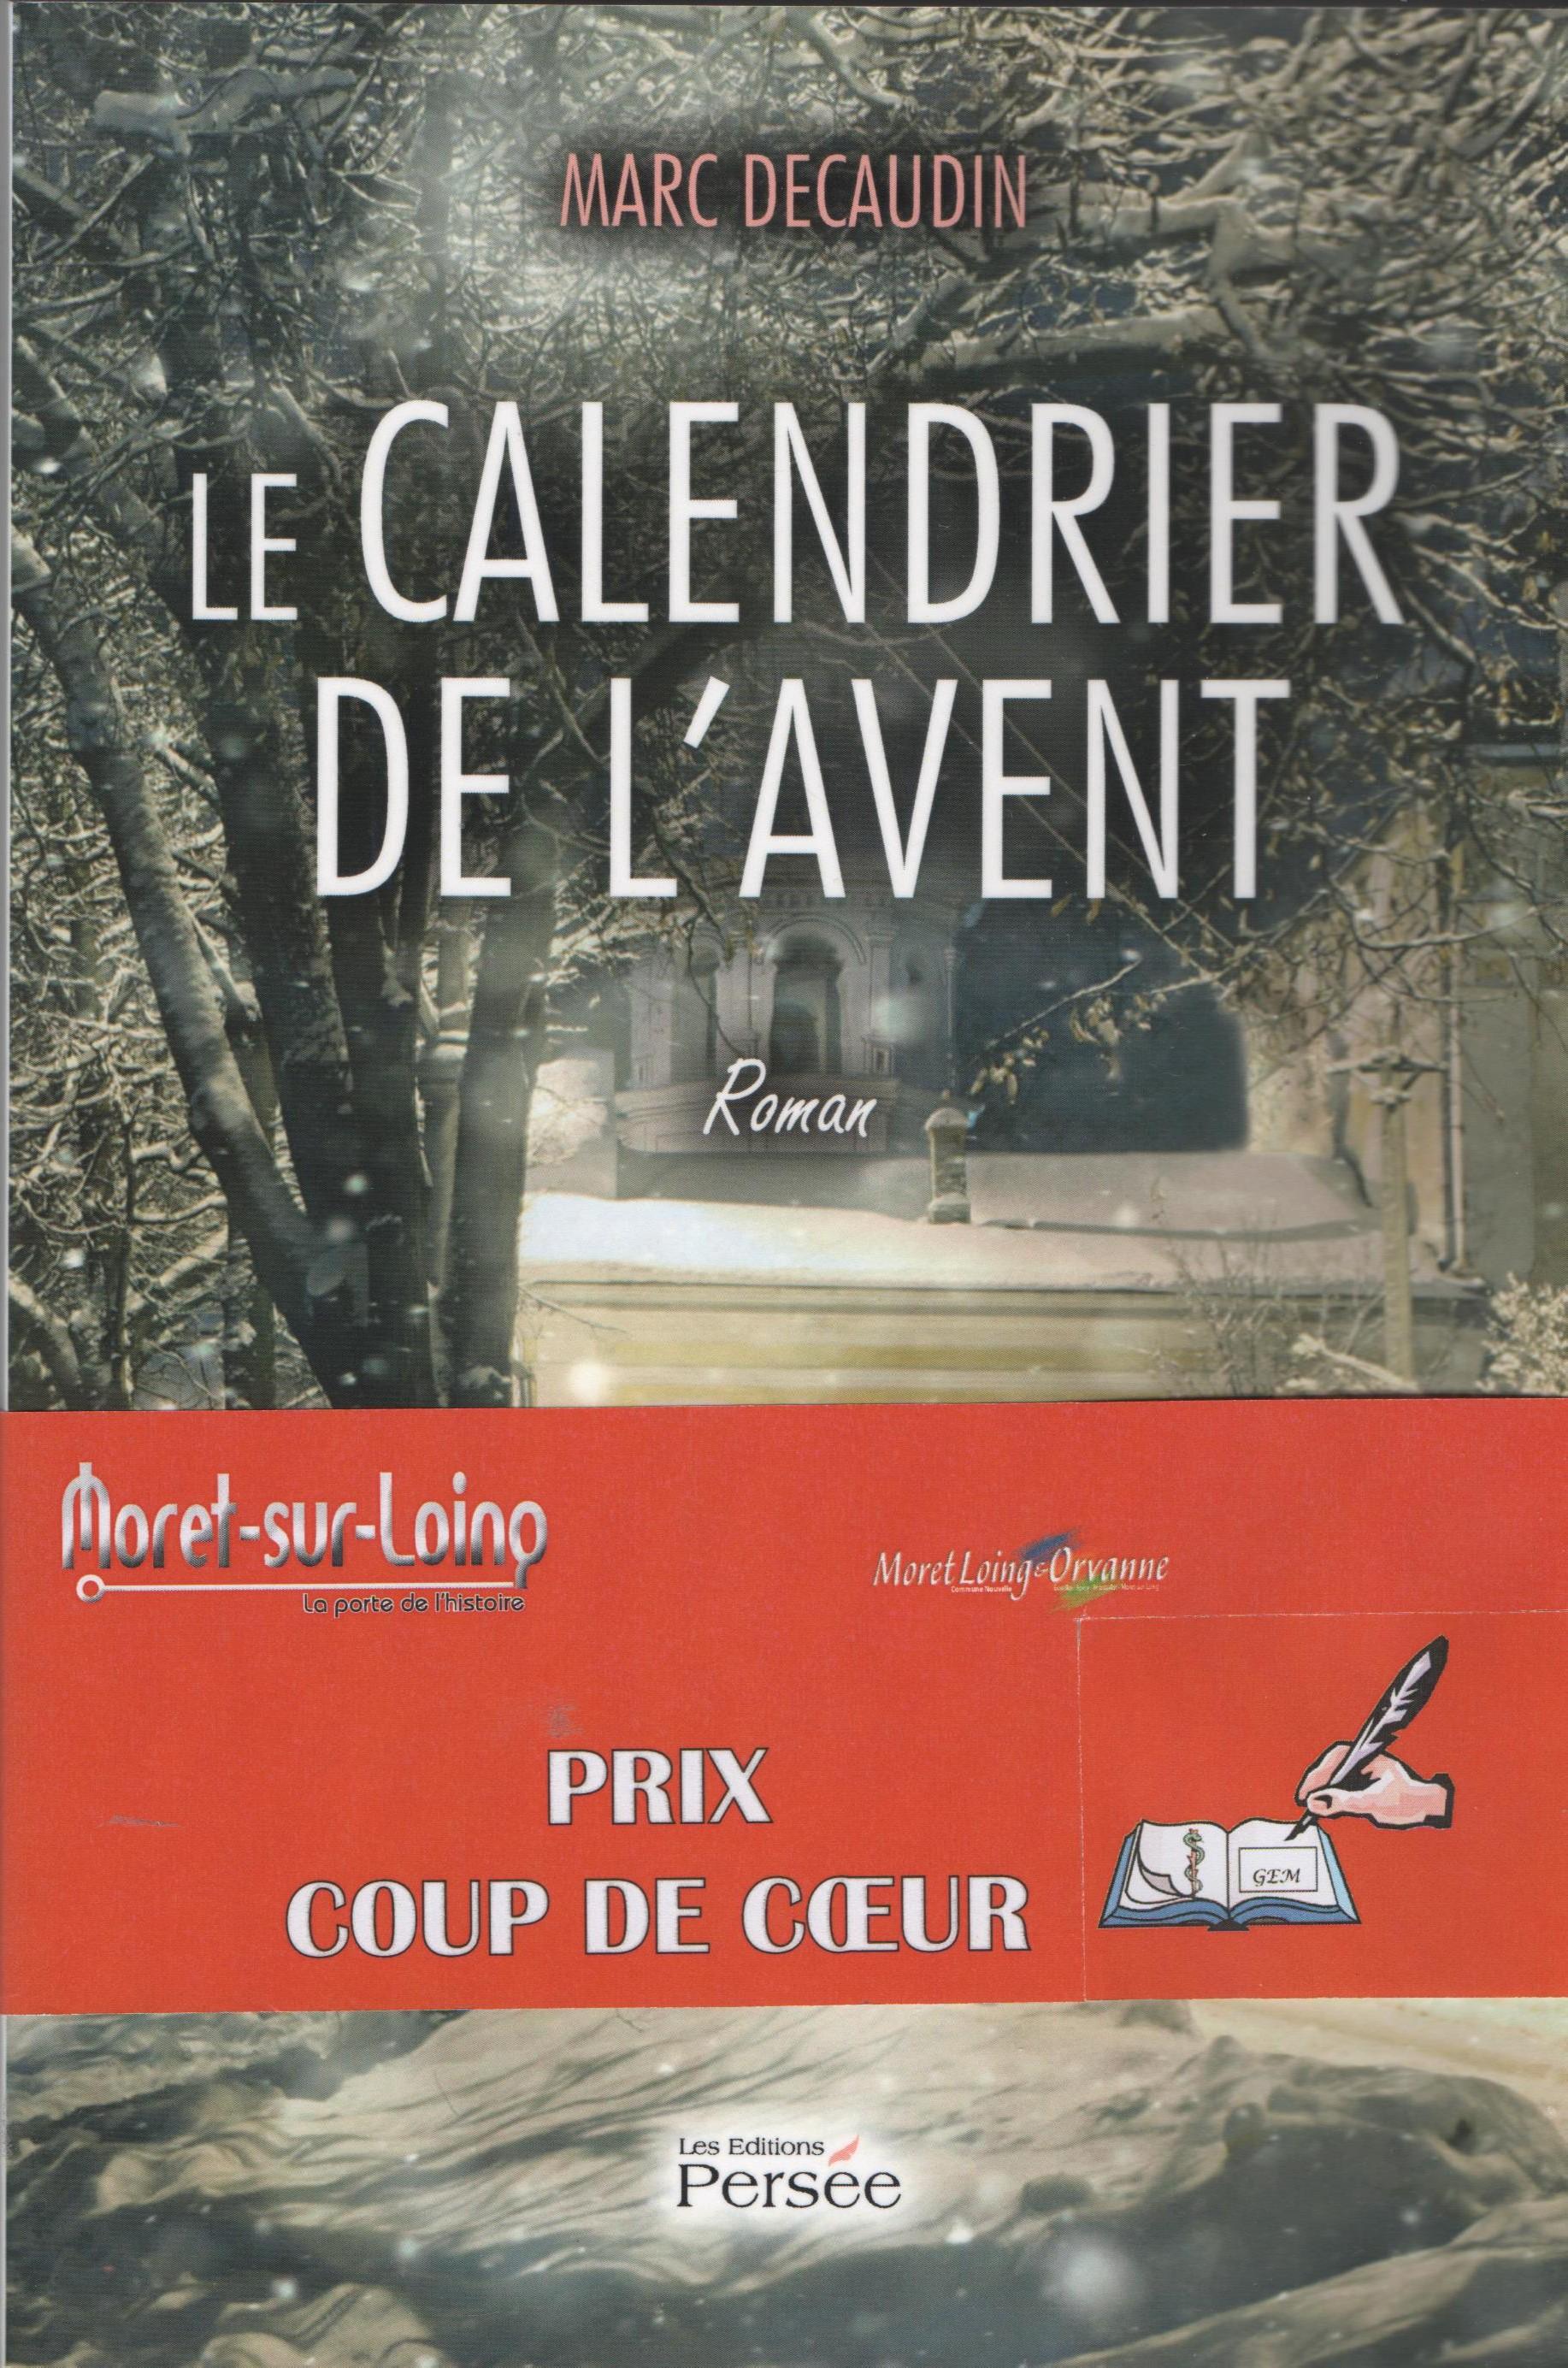 Calendrier De L Avent Histoire.Le Calendrier De L Avent